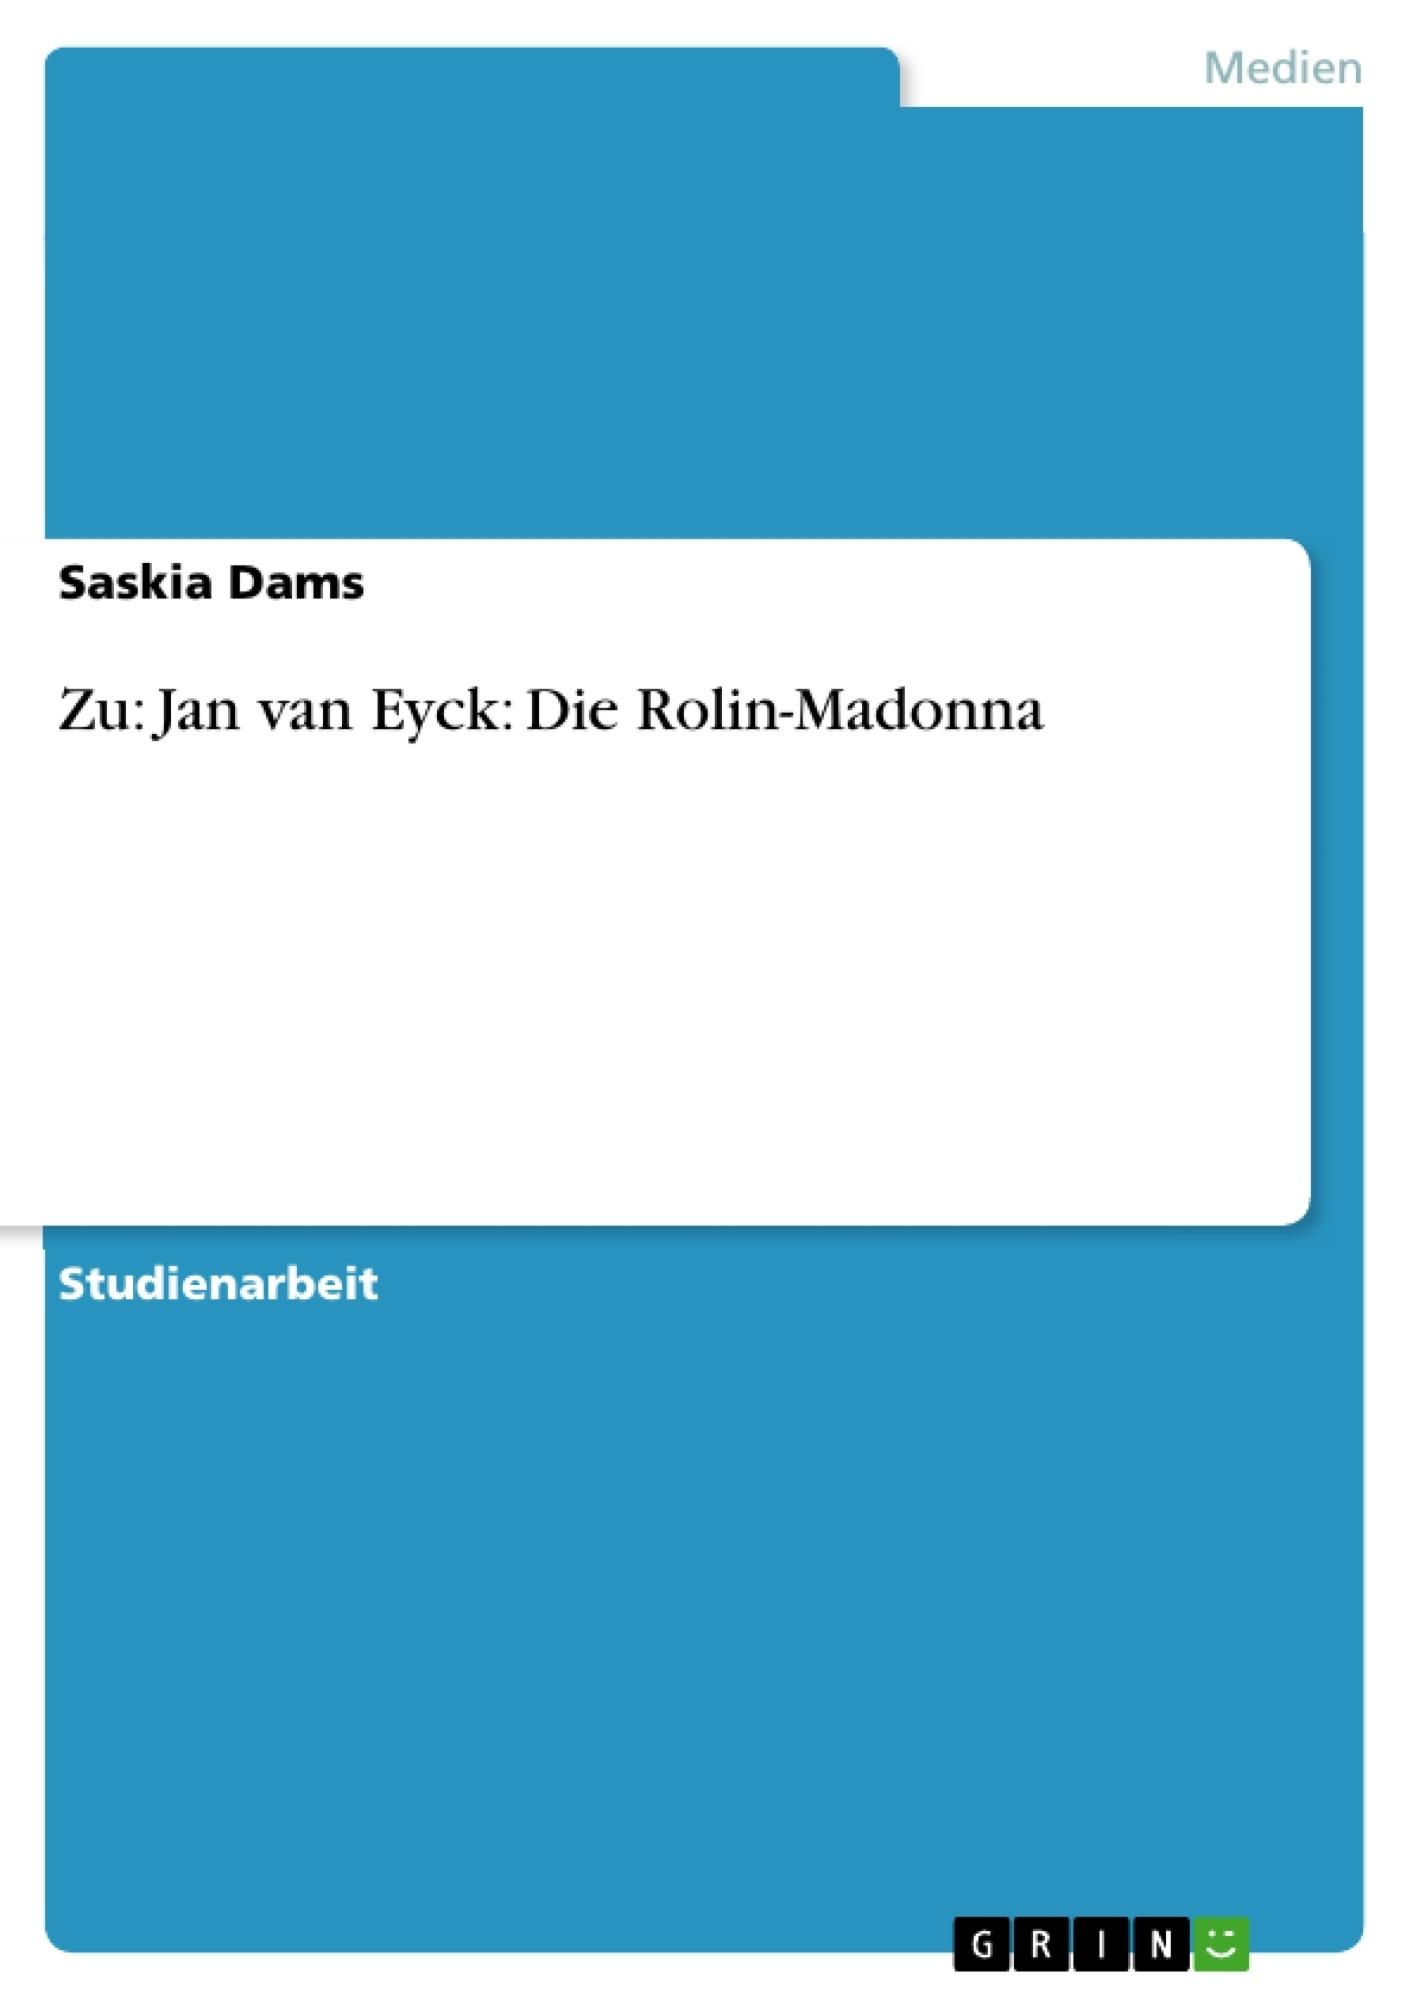 Titel: Zu: Jan van Eyck: Die Rolin-Madonna